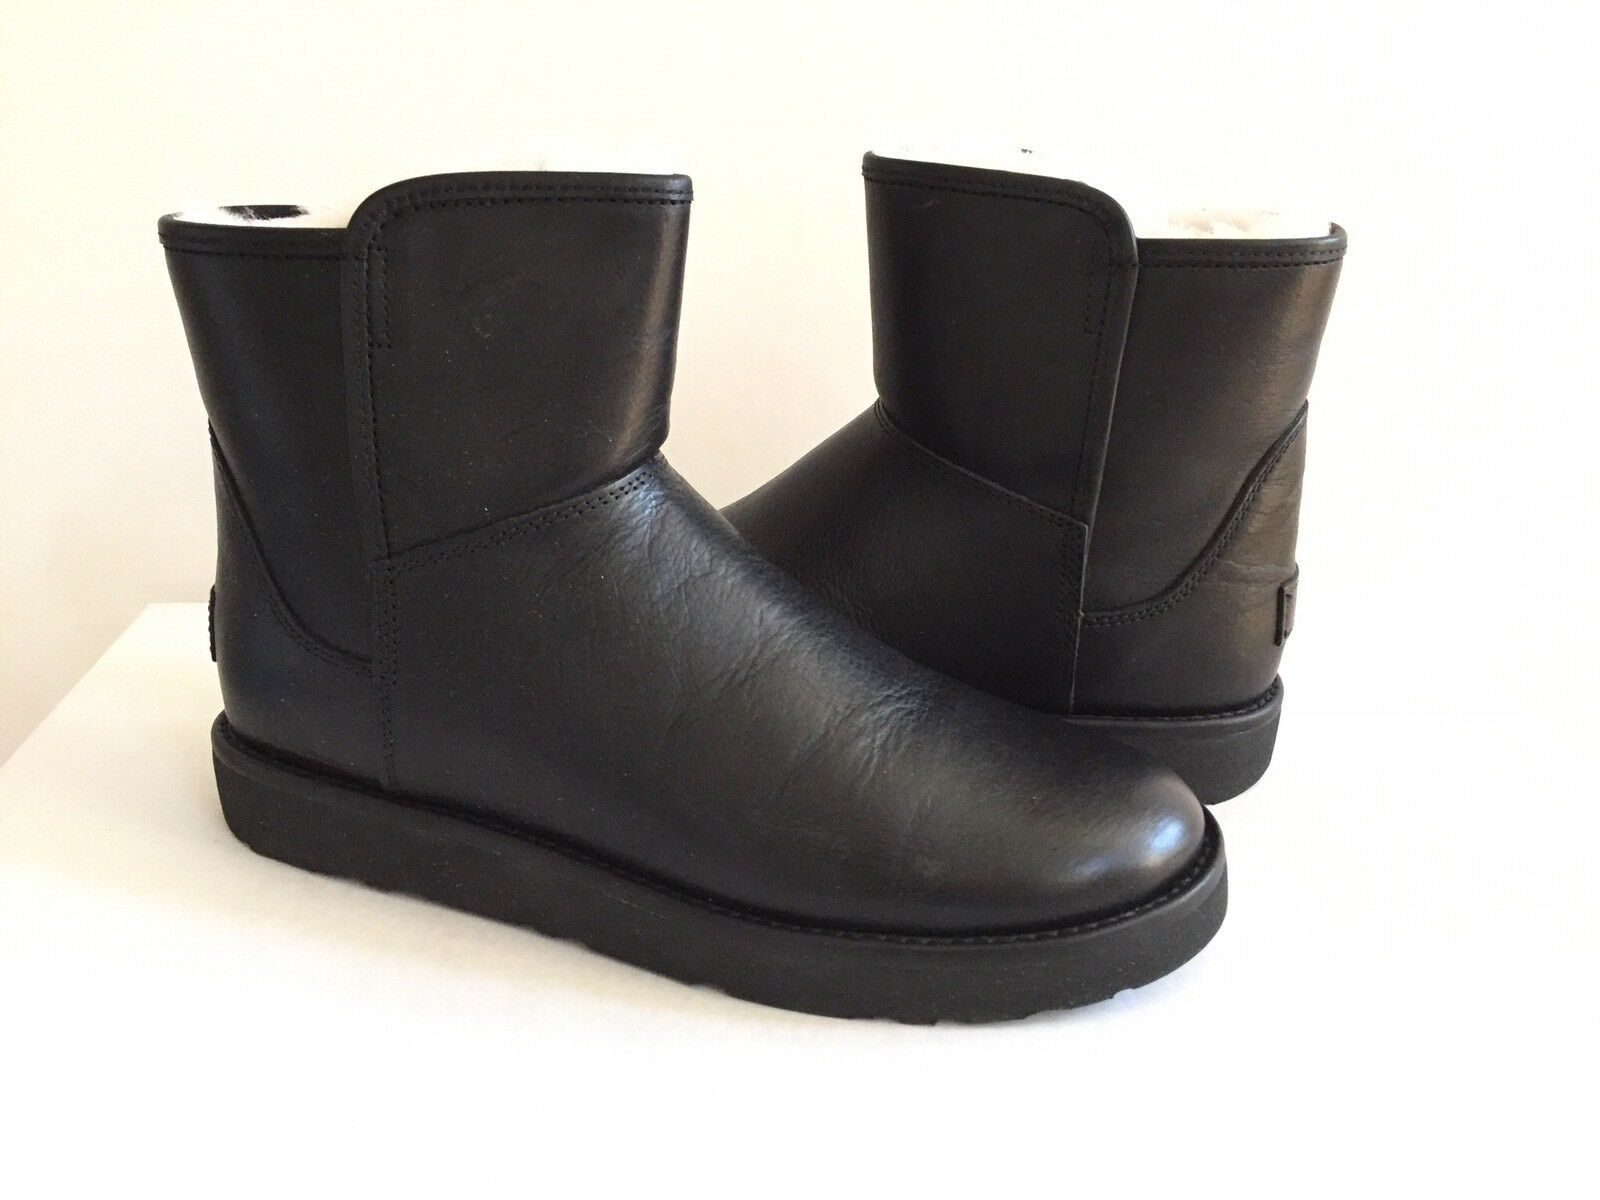 UGG CLASSIC MINI ABREE LEDER NERO BLACK Stiefel US 9 / EU 40 / UK 7.5 - NEU